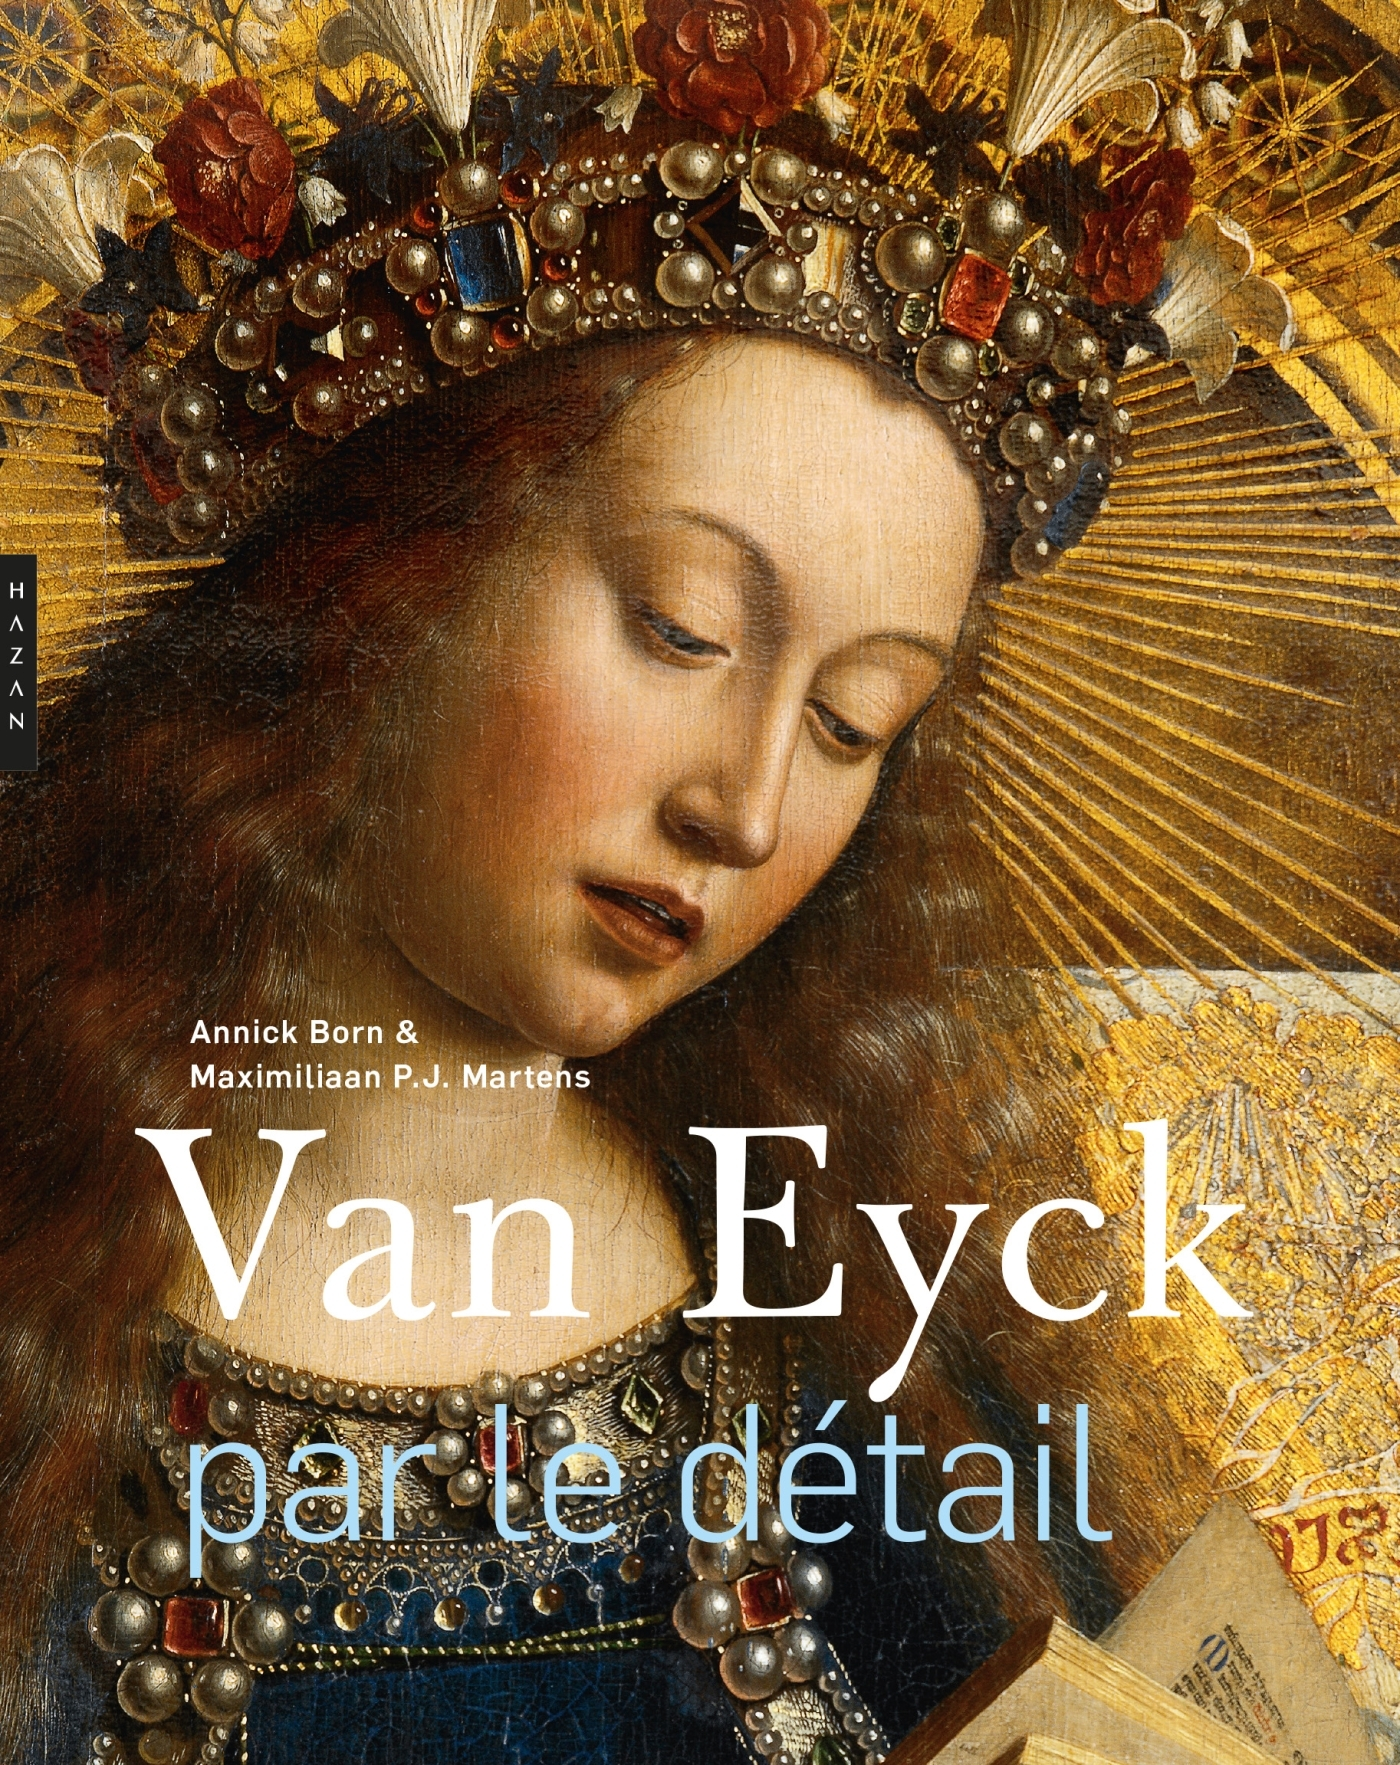 VAN EYCK PAR LE DETAIL (COMPACT)